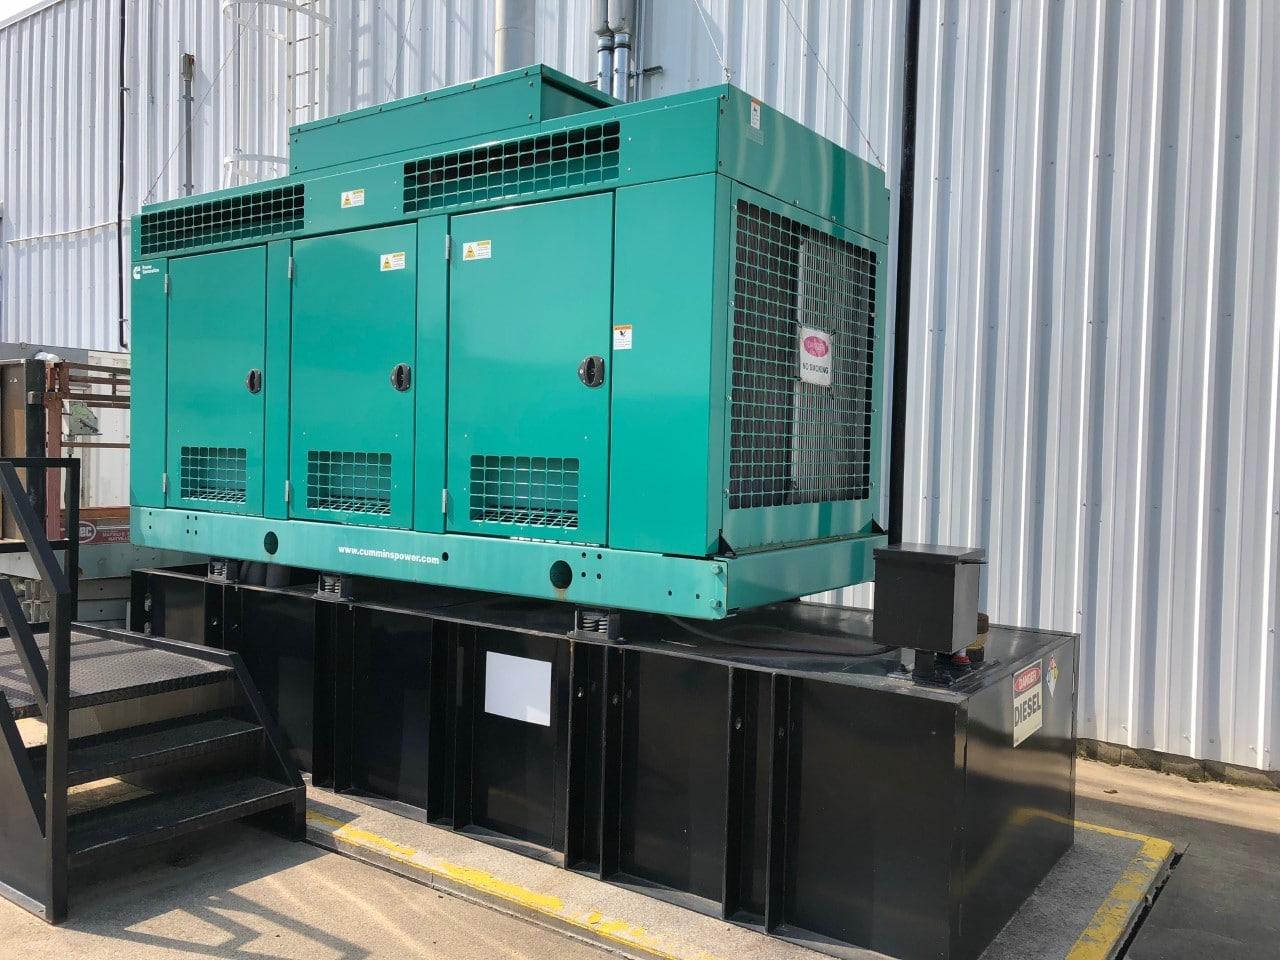 Máy phát điện 150 kva 3 pha chạy dầu